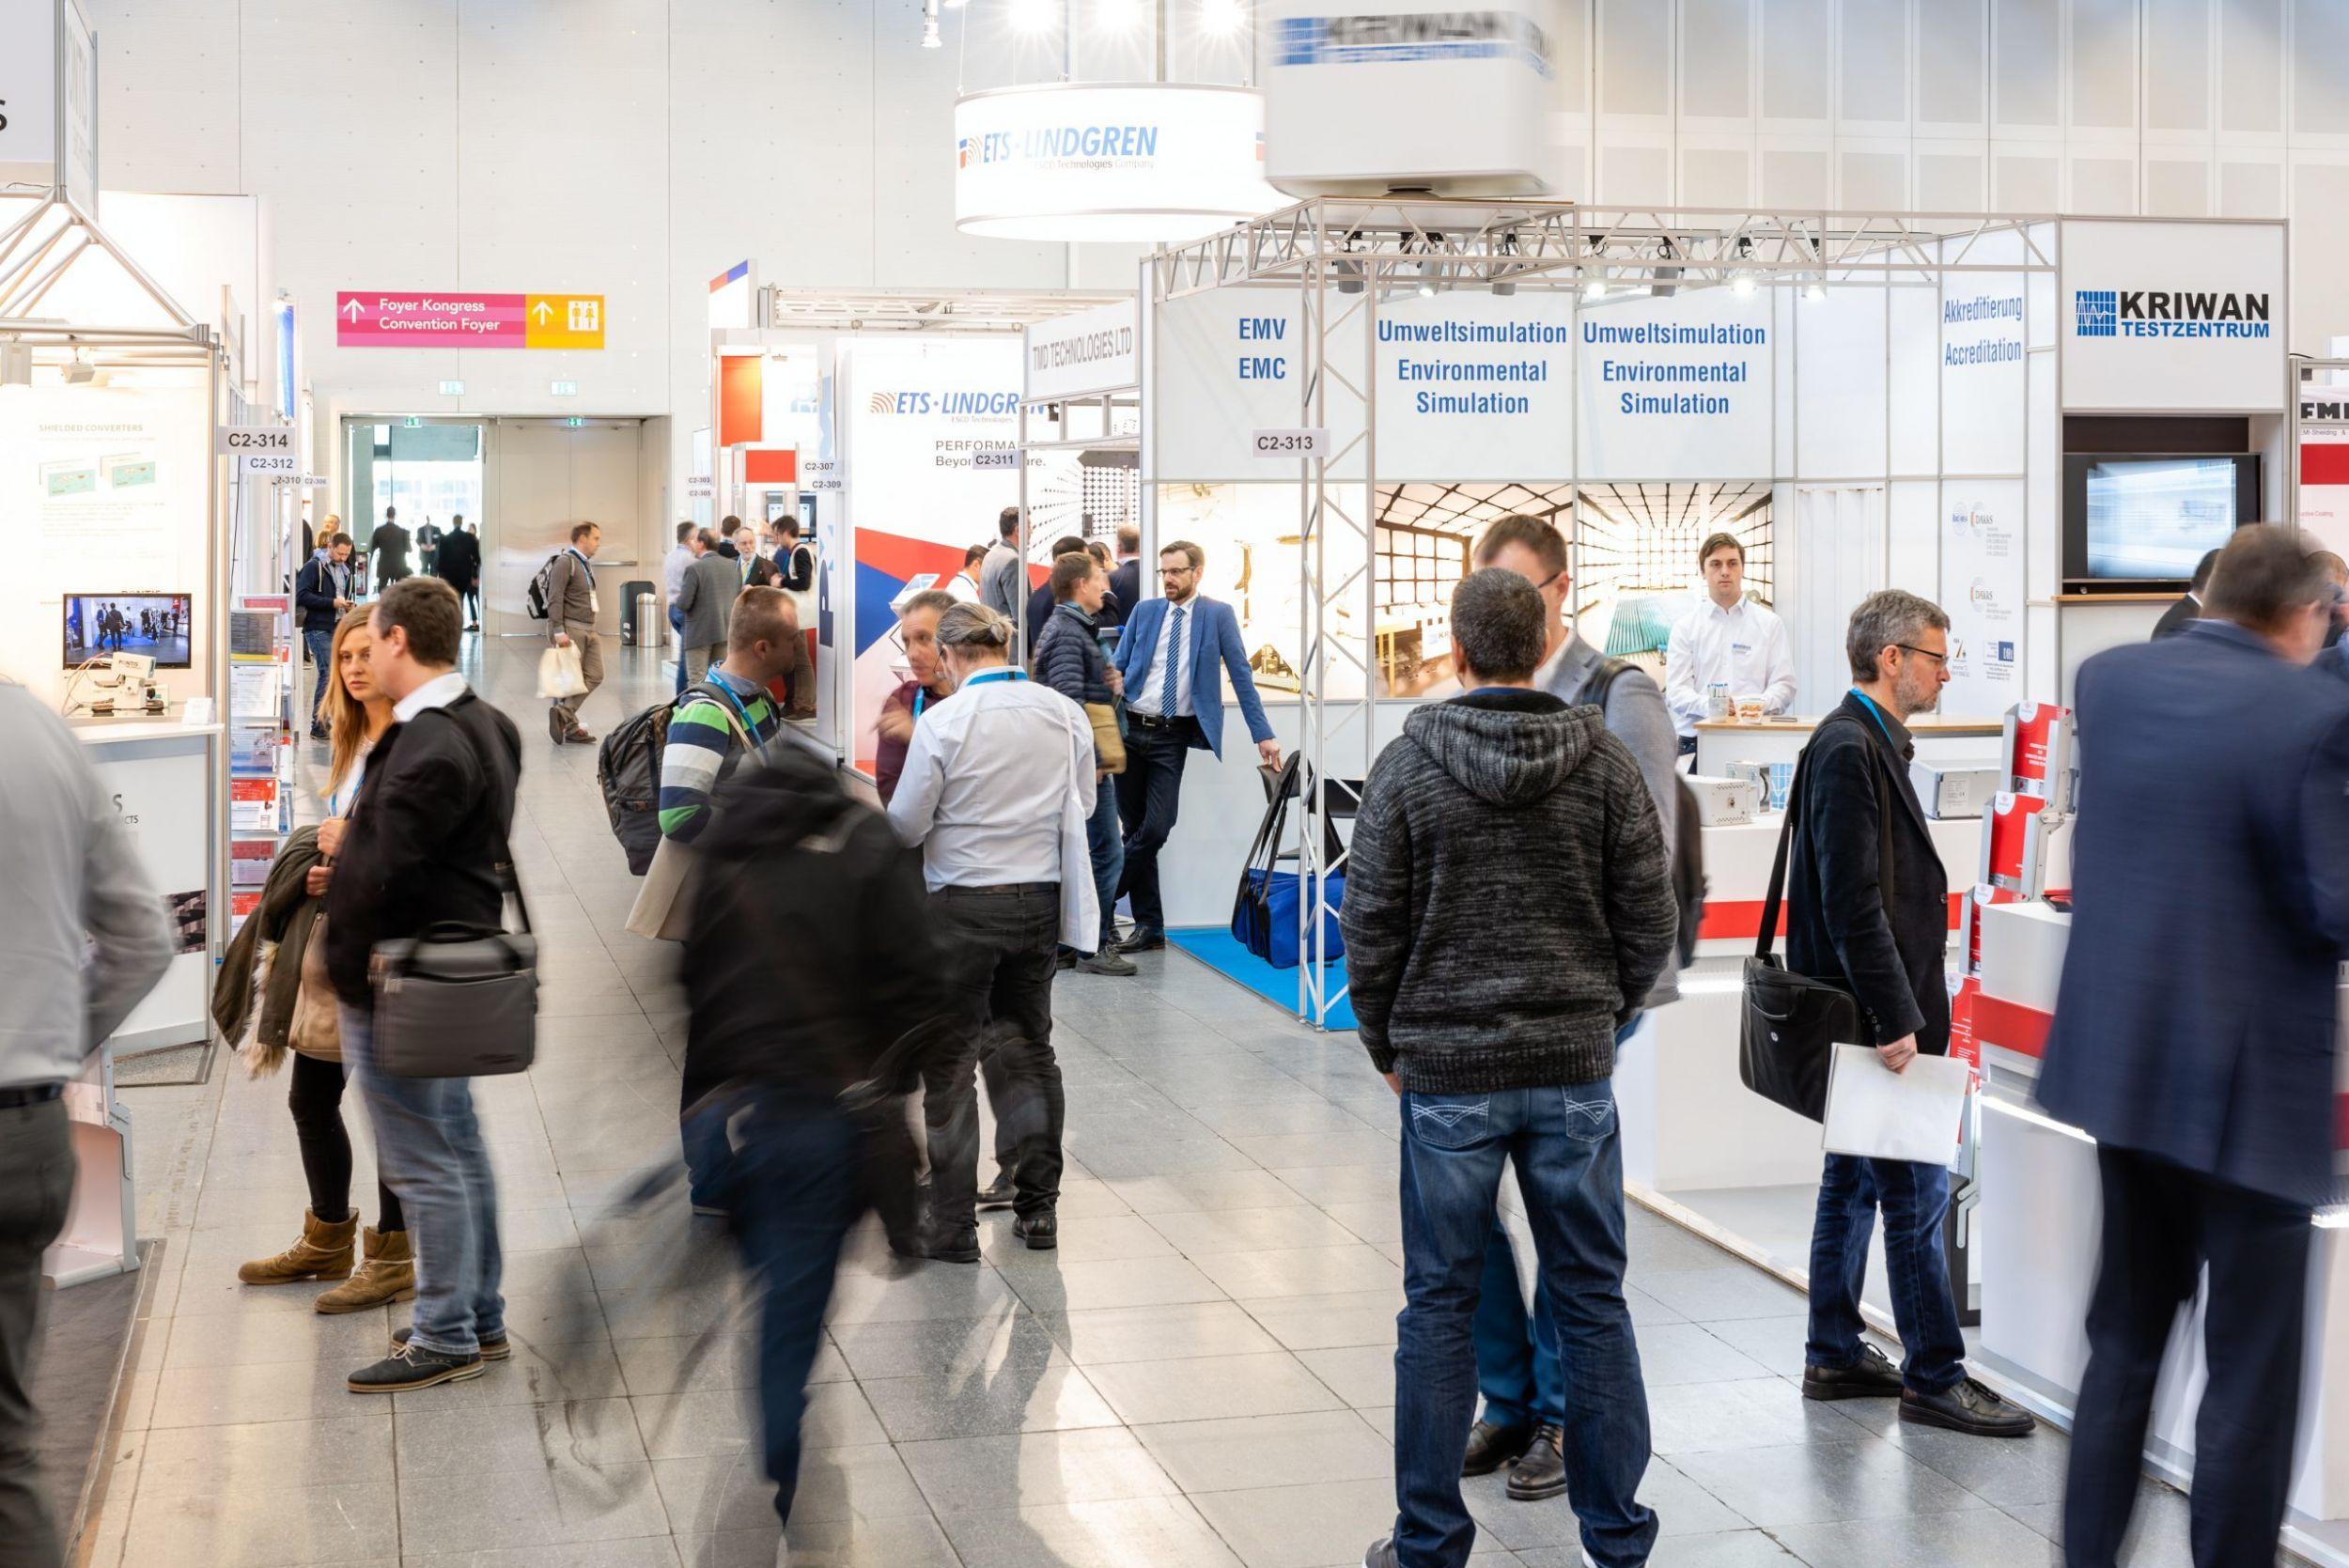 Über drei Tage stehen Produkte und Dienstleistungen im Bereich der elektromagnetischen Verträglichkeit auf der EMV in Köln im Fokus. (Bild: Mesago Messe Frankfurt GmbH)